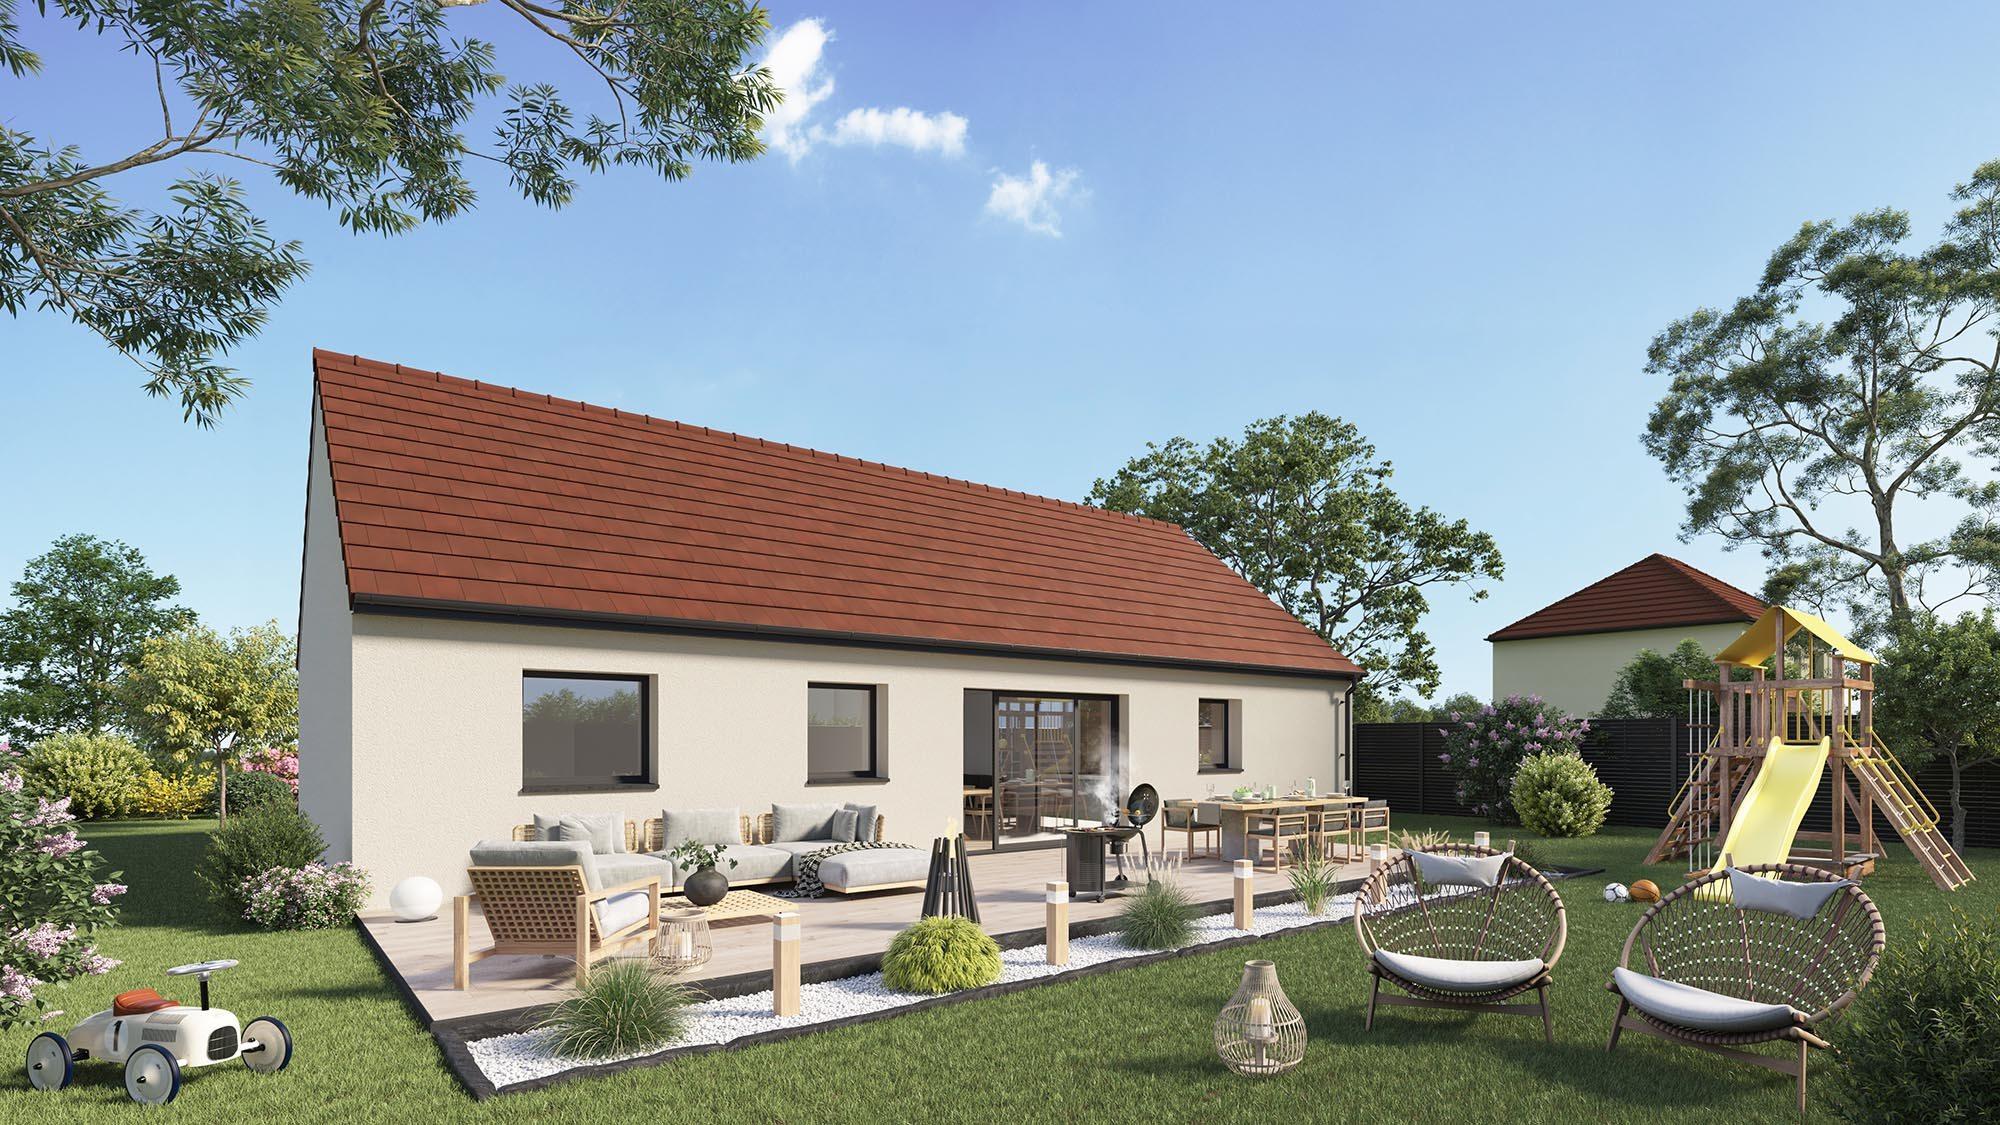 Maisons + Terrains du constructeur MAISON CASTOR REIMS • 96 m² • REIMS